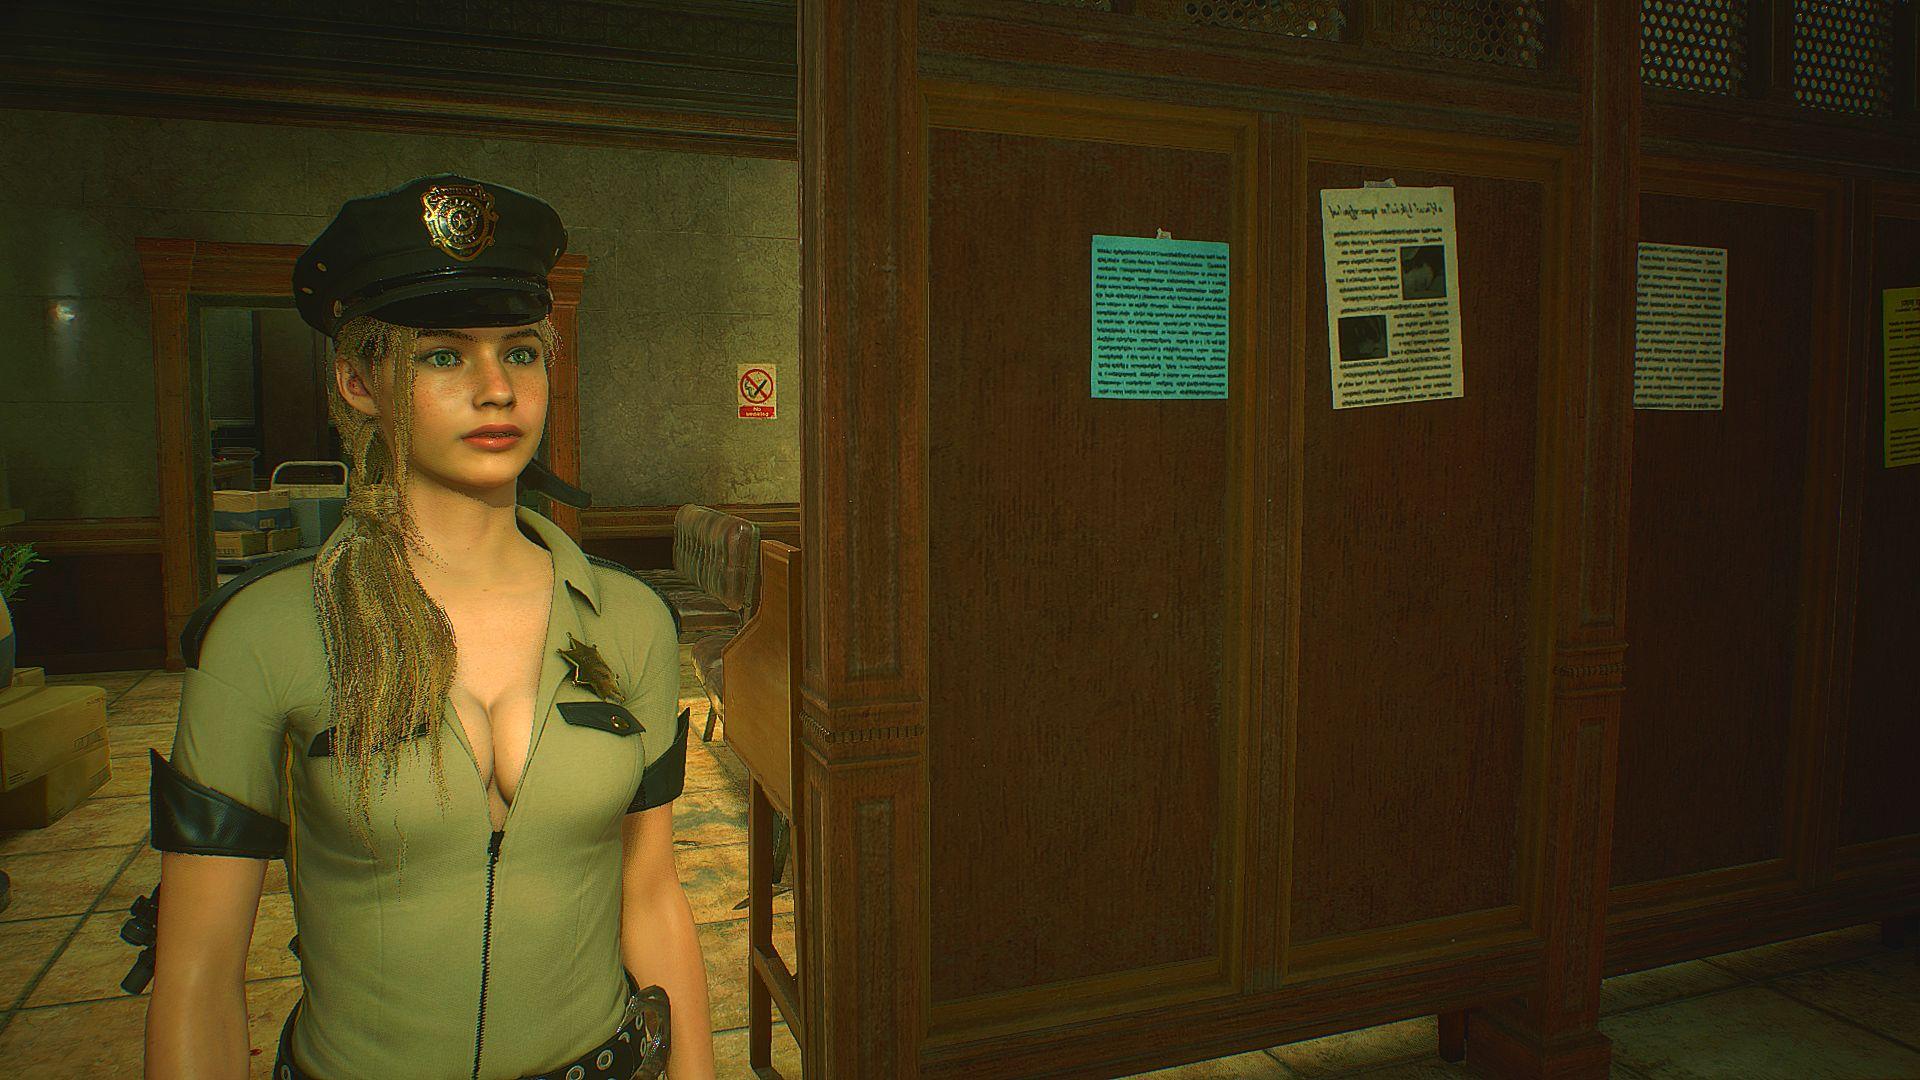 000756.Jpg - Resident Evil 2